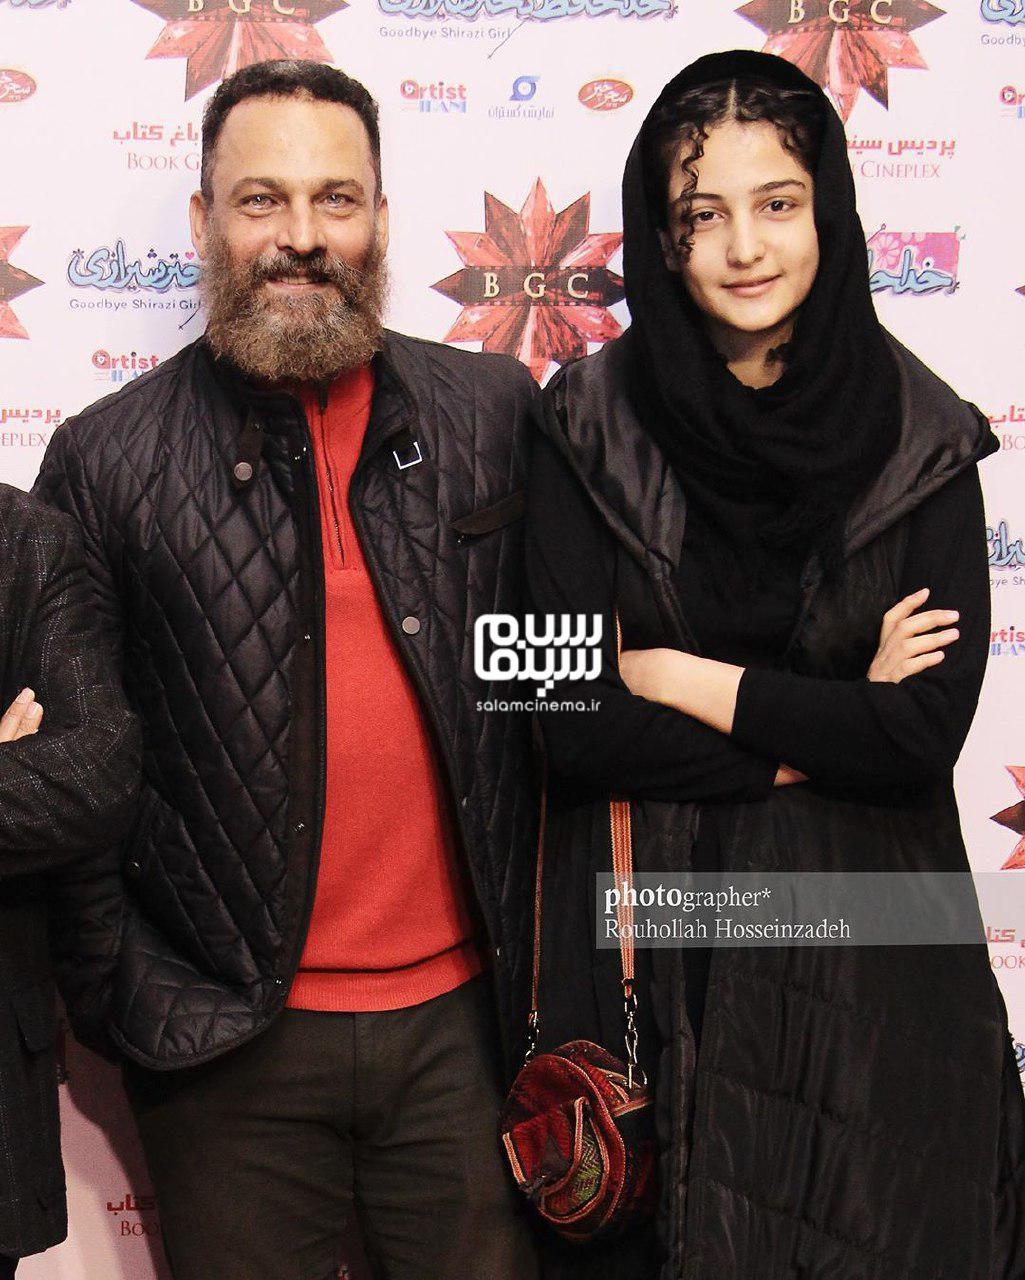 حسین یاری و دخترش - اکران خصوصی فیلم «خداحافظ دختر شیرازی»-گزارش تصویری